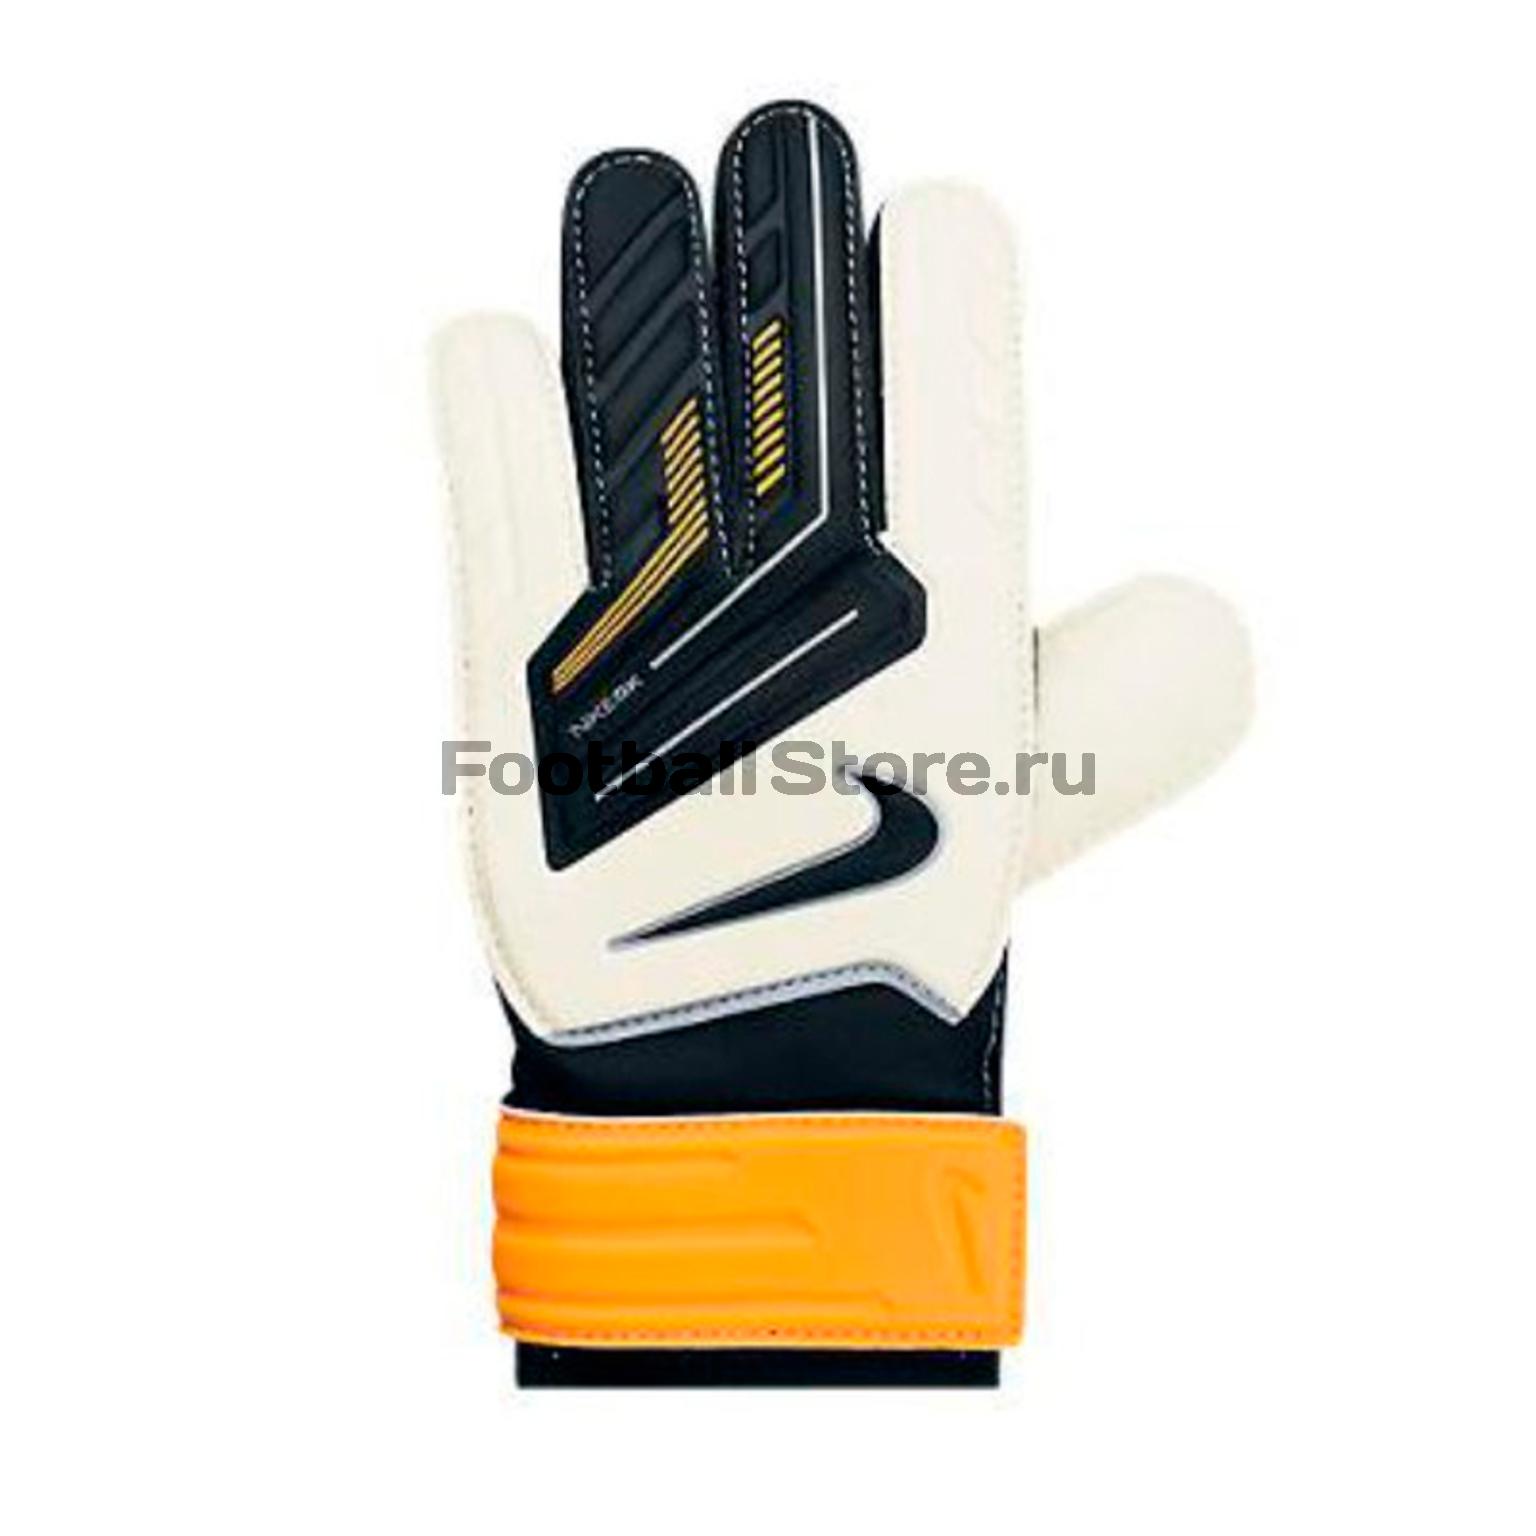 Вратарская экипировка Nike Вратарские перчатки Nike gk grip (детские)